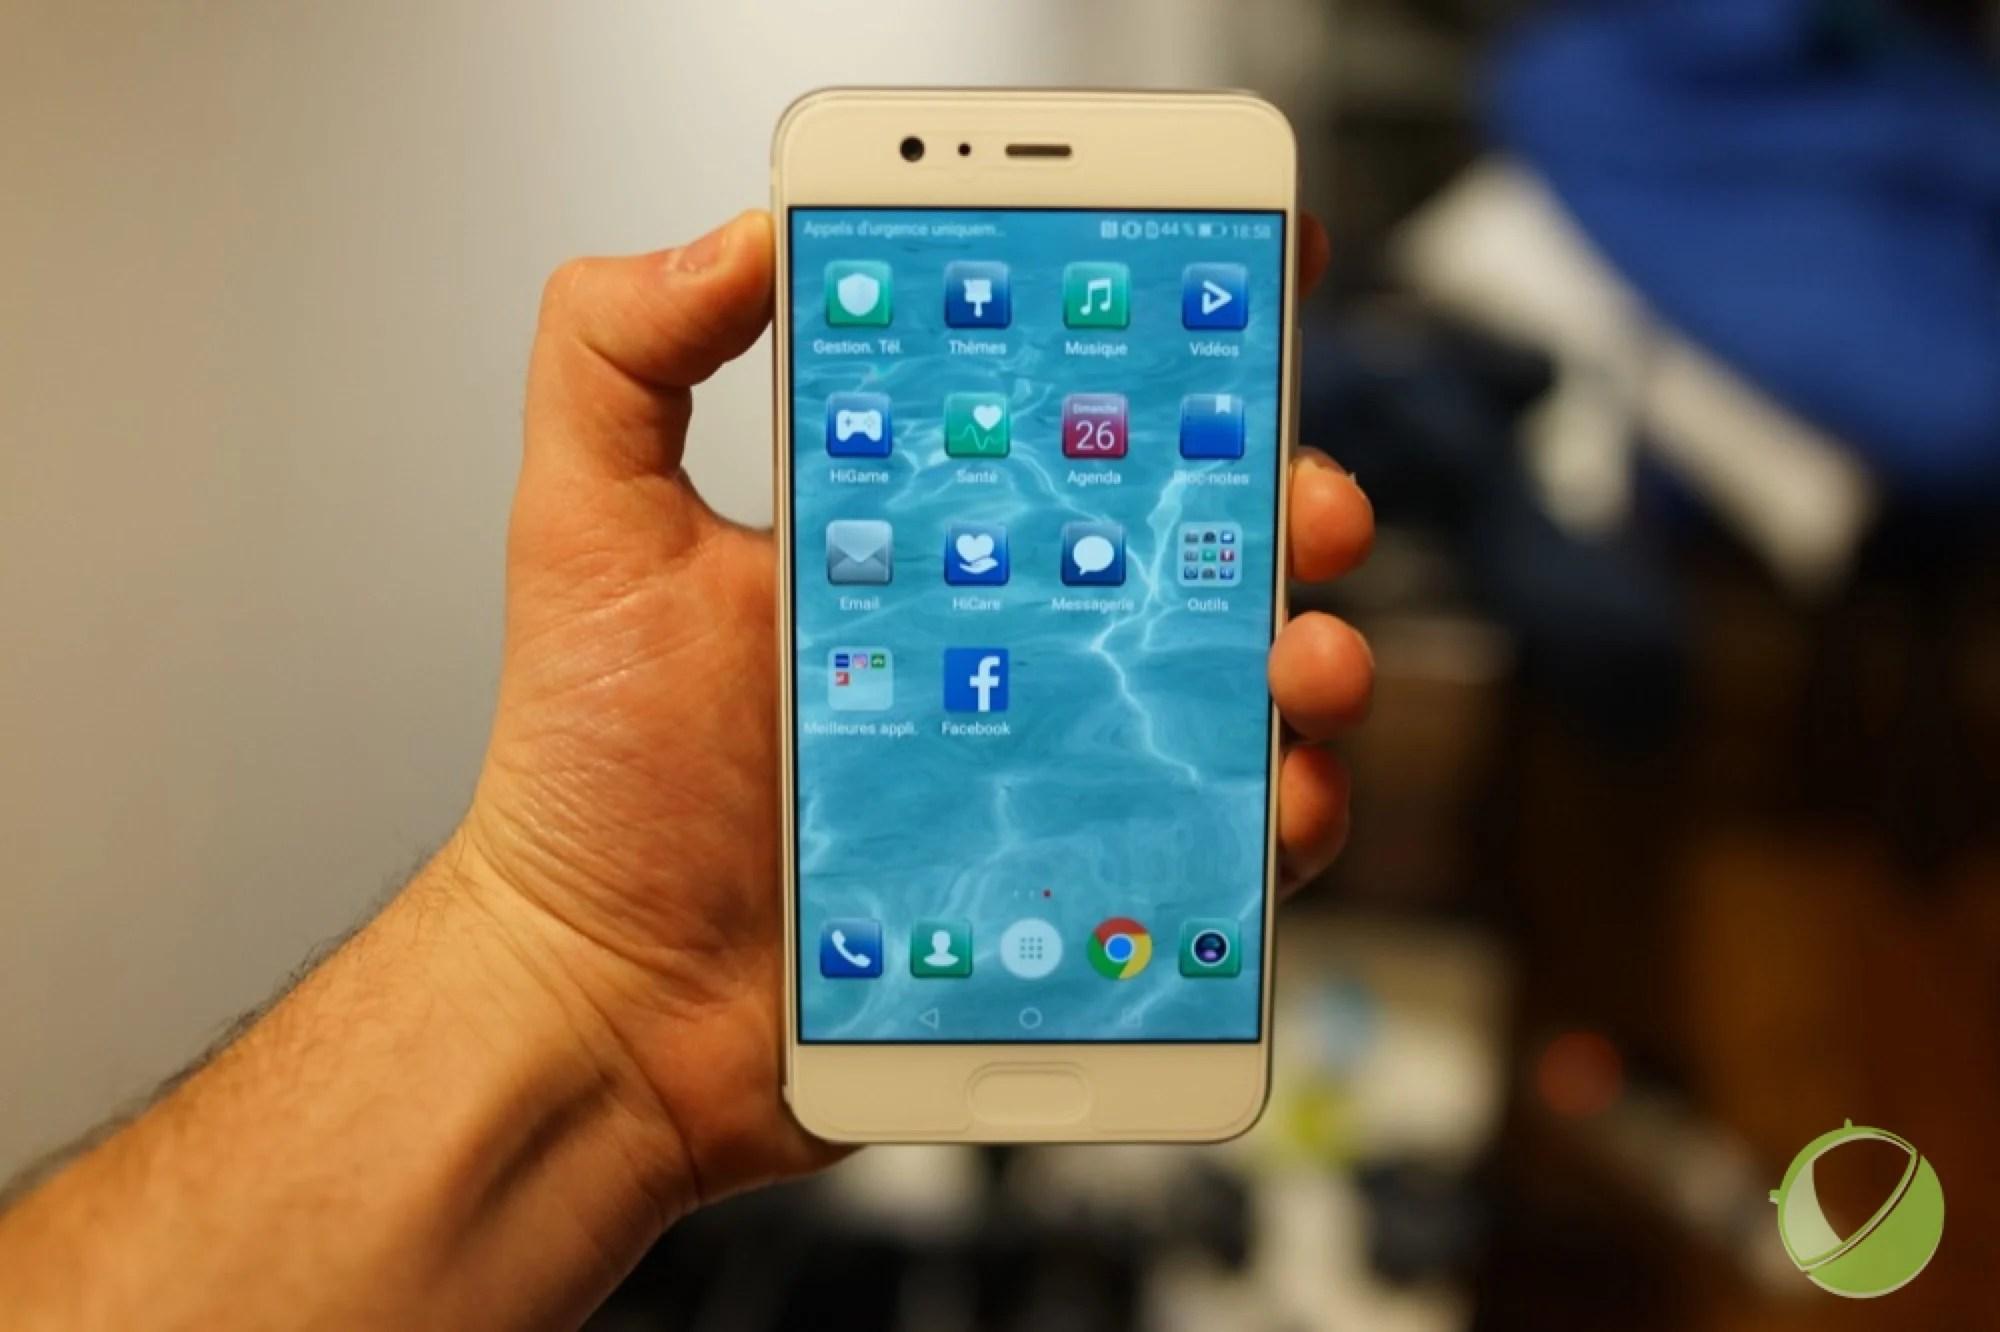 Prise en main du Huawei P10 : 5,1 pouces de bonheur